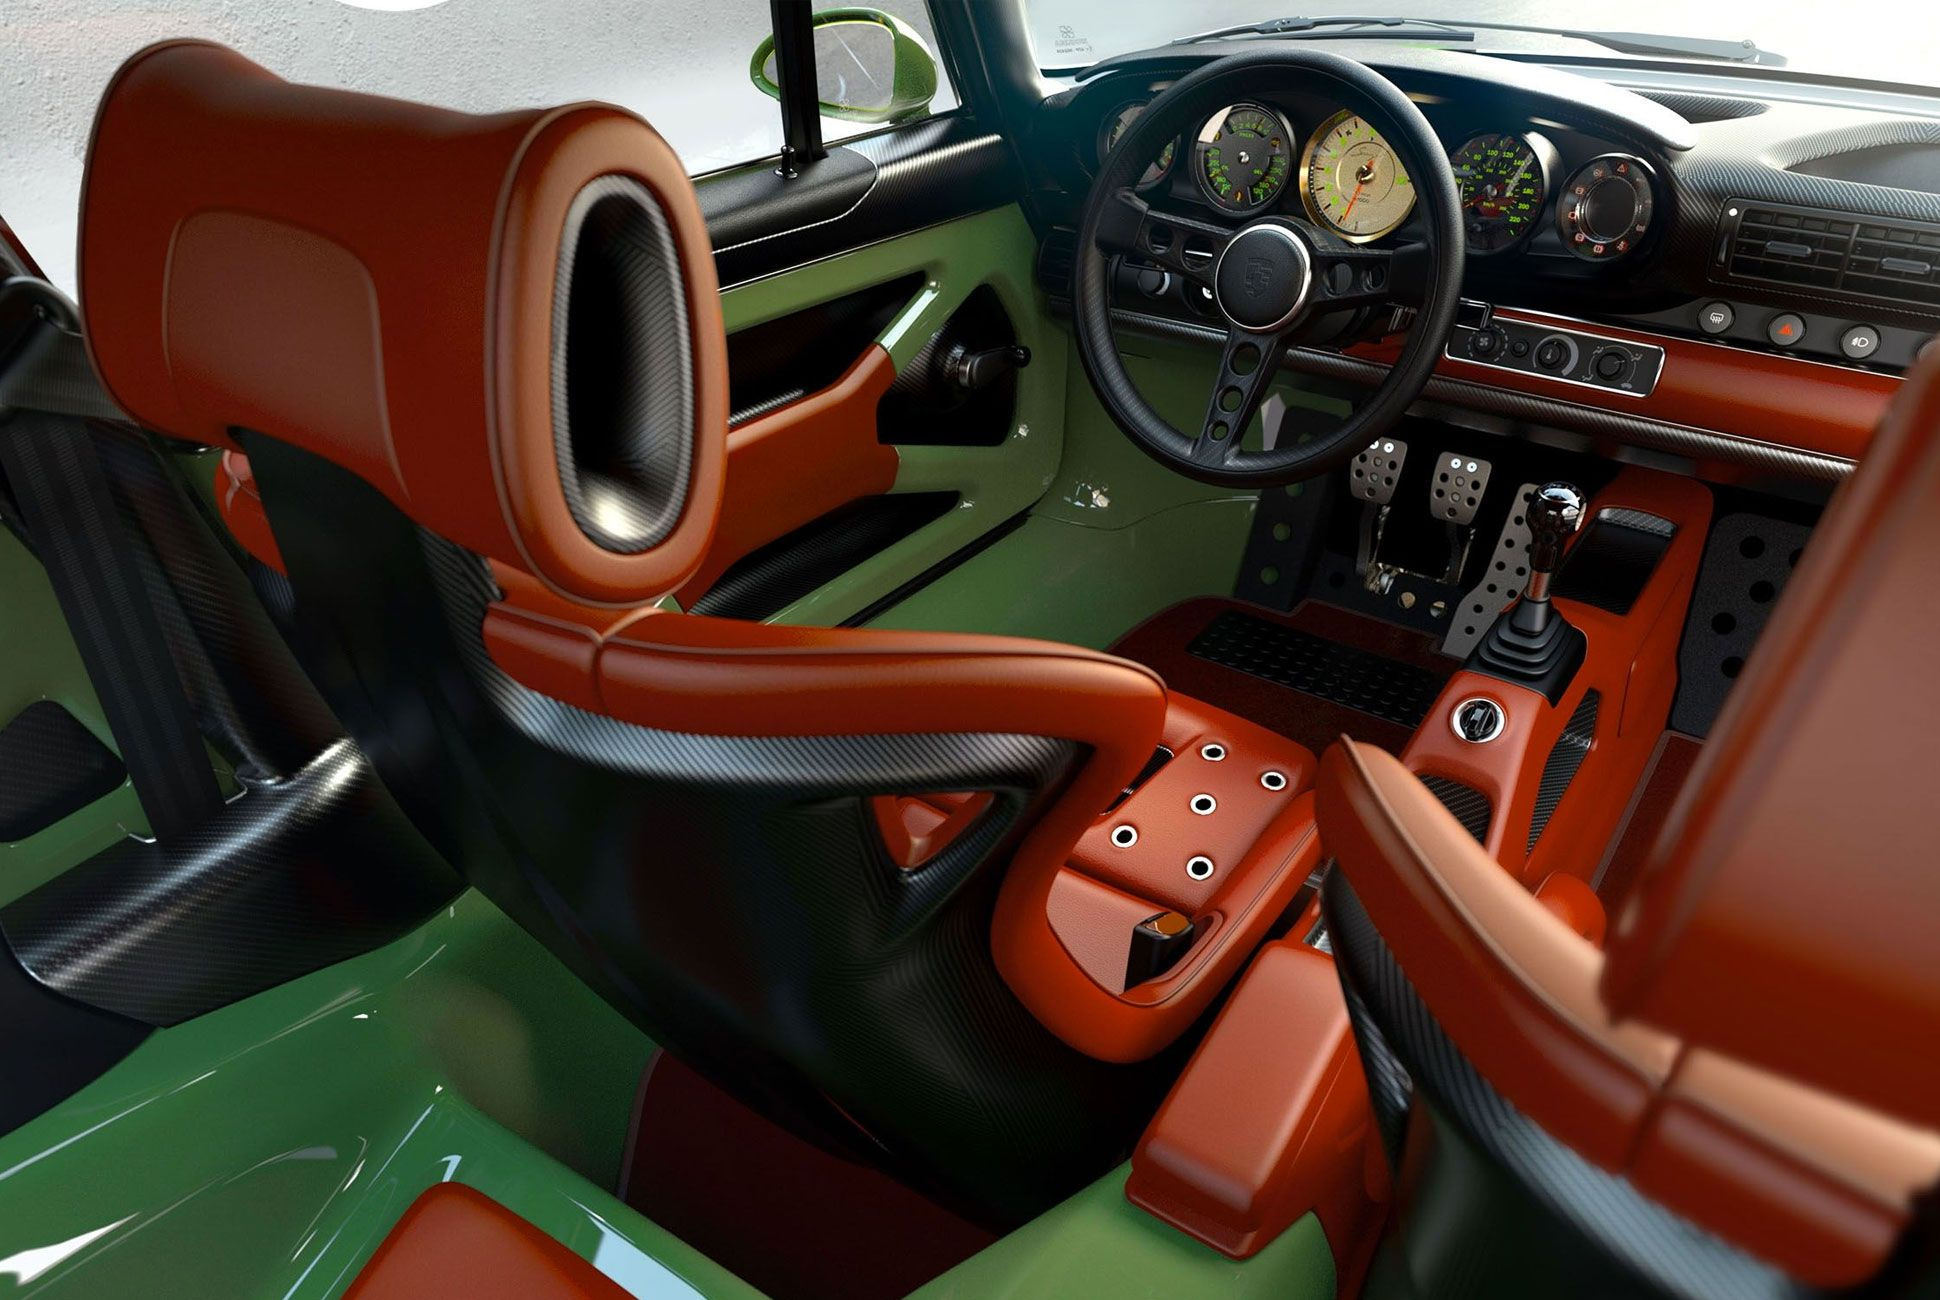 Singer-Williams-DLS-911-gear-patrol-6